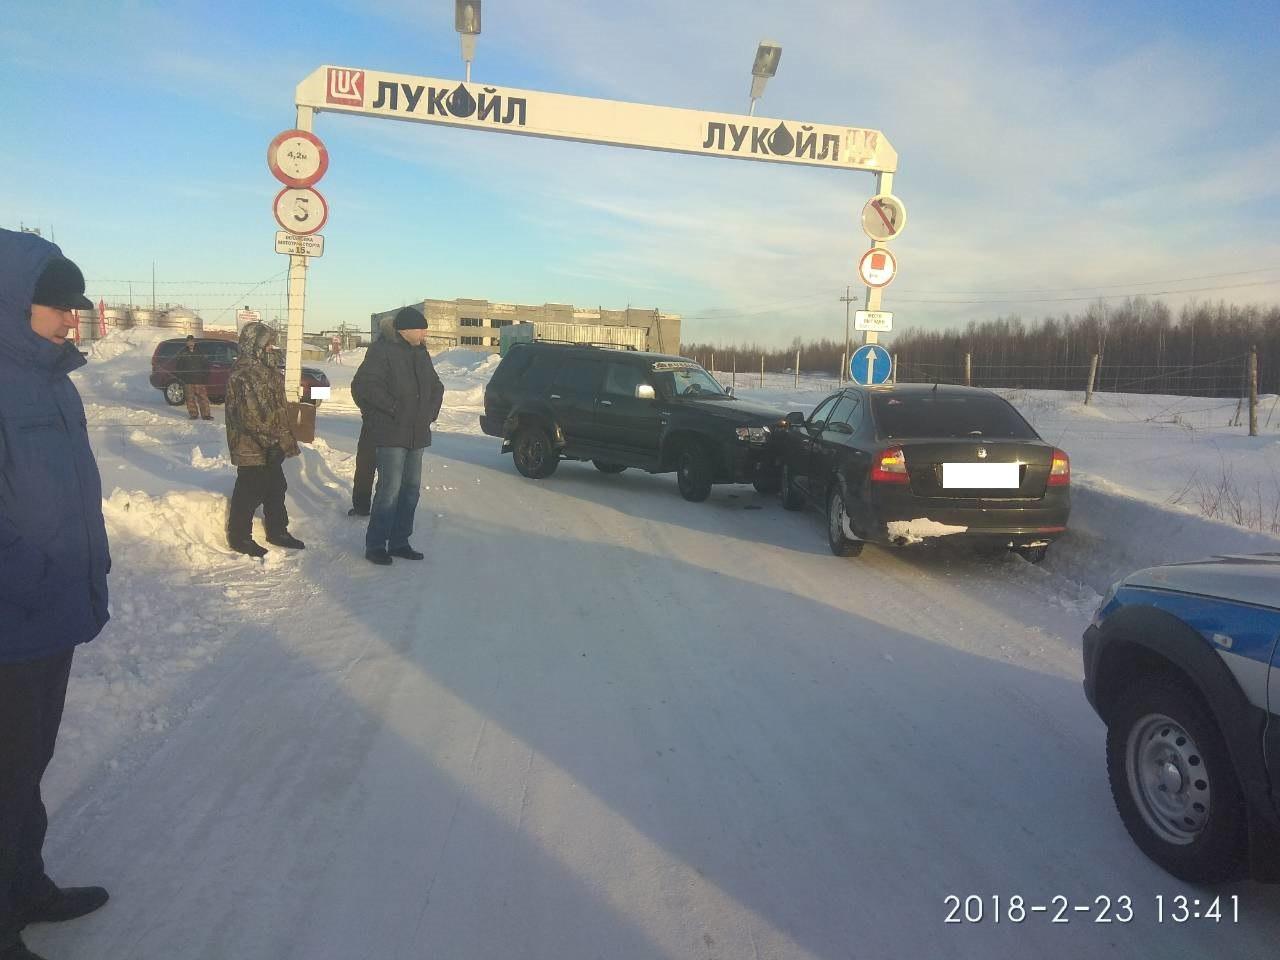 В Инте внедорожник выехал на встречную полосу и протаранил авто